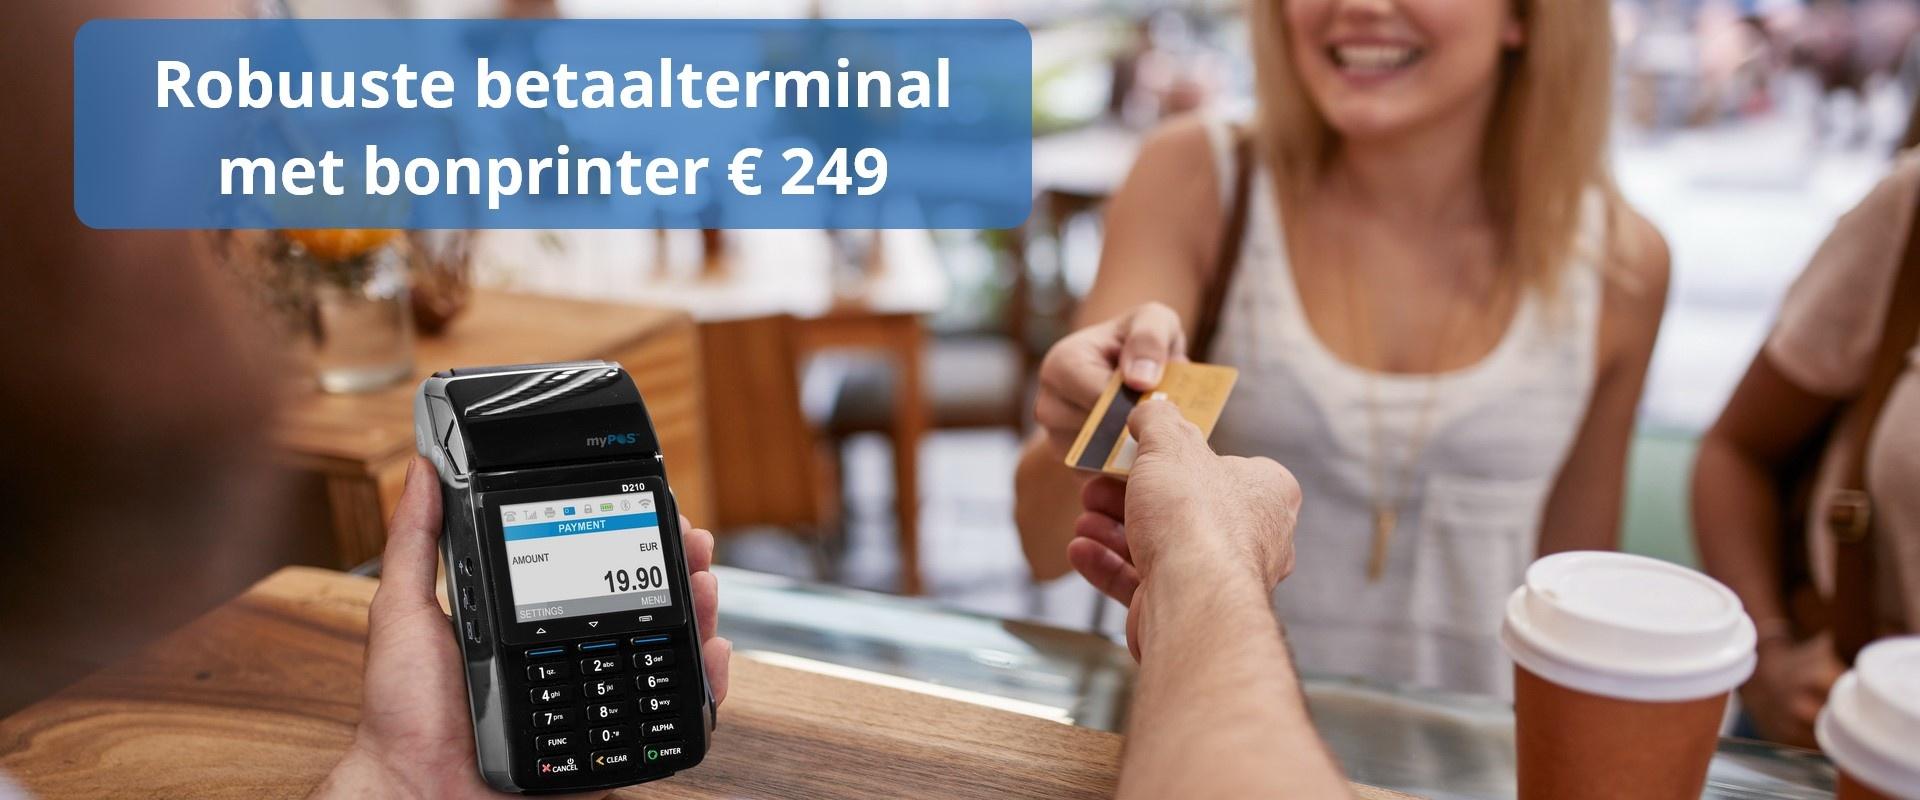 myPOS Combo betaalterminal met simkaart, NFC voor € 249